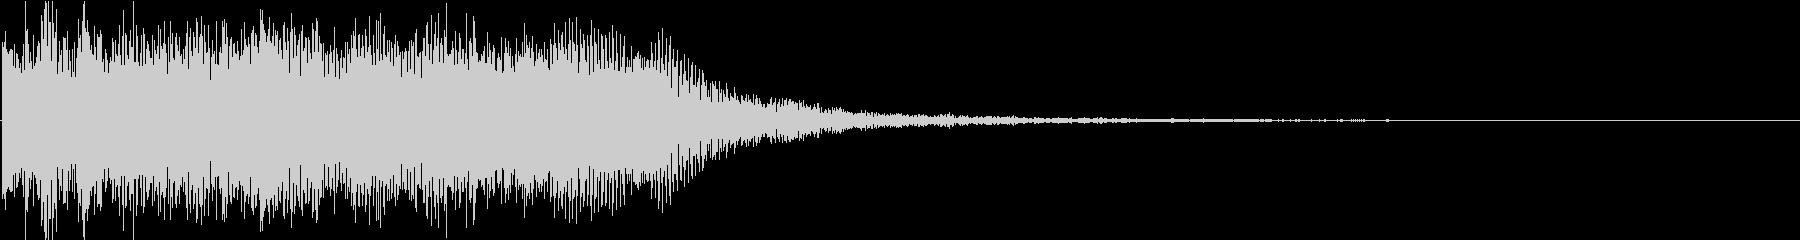 ★上品で煌びやかなサウンドロゴの未再生の波形